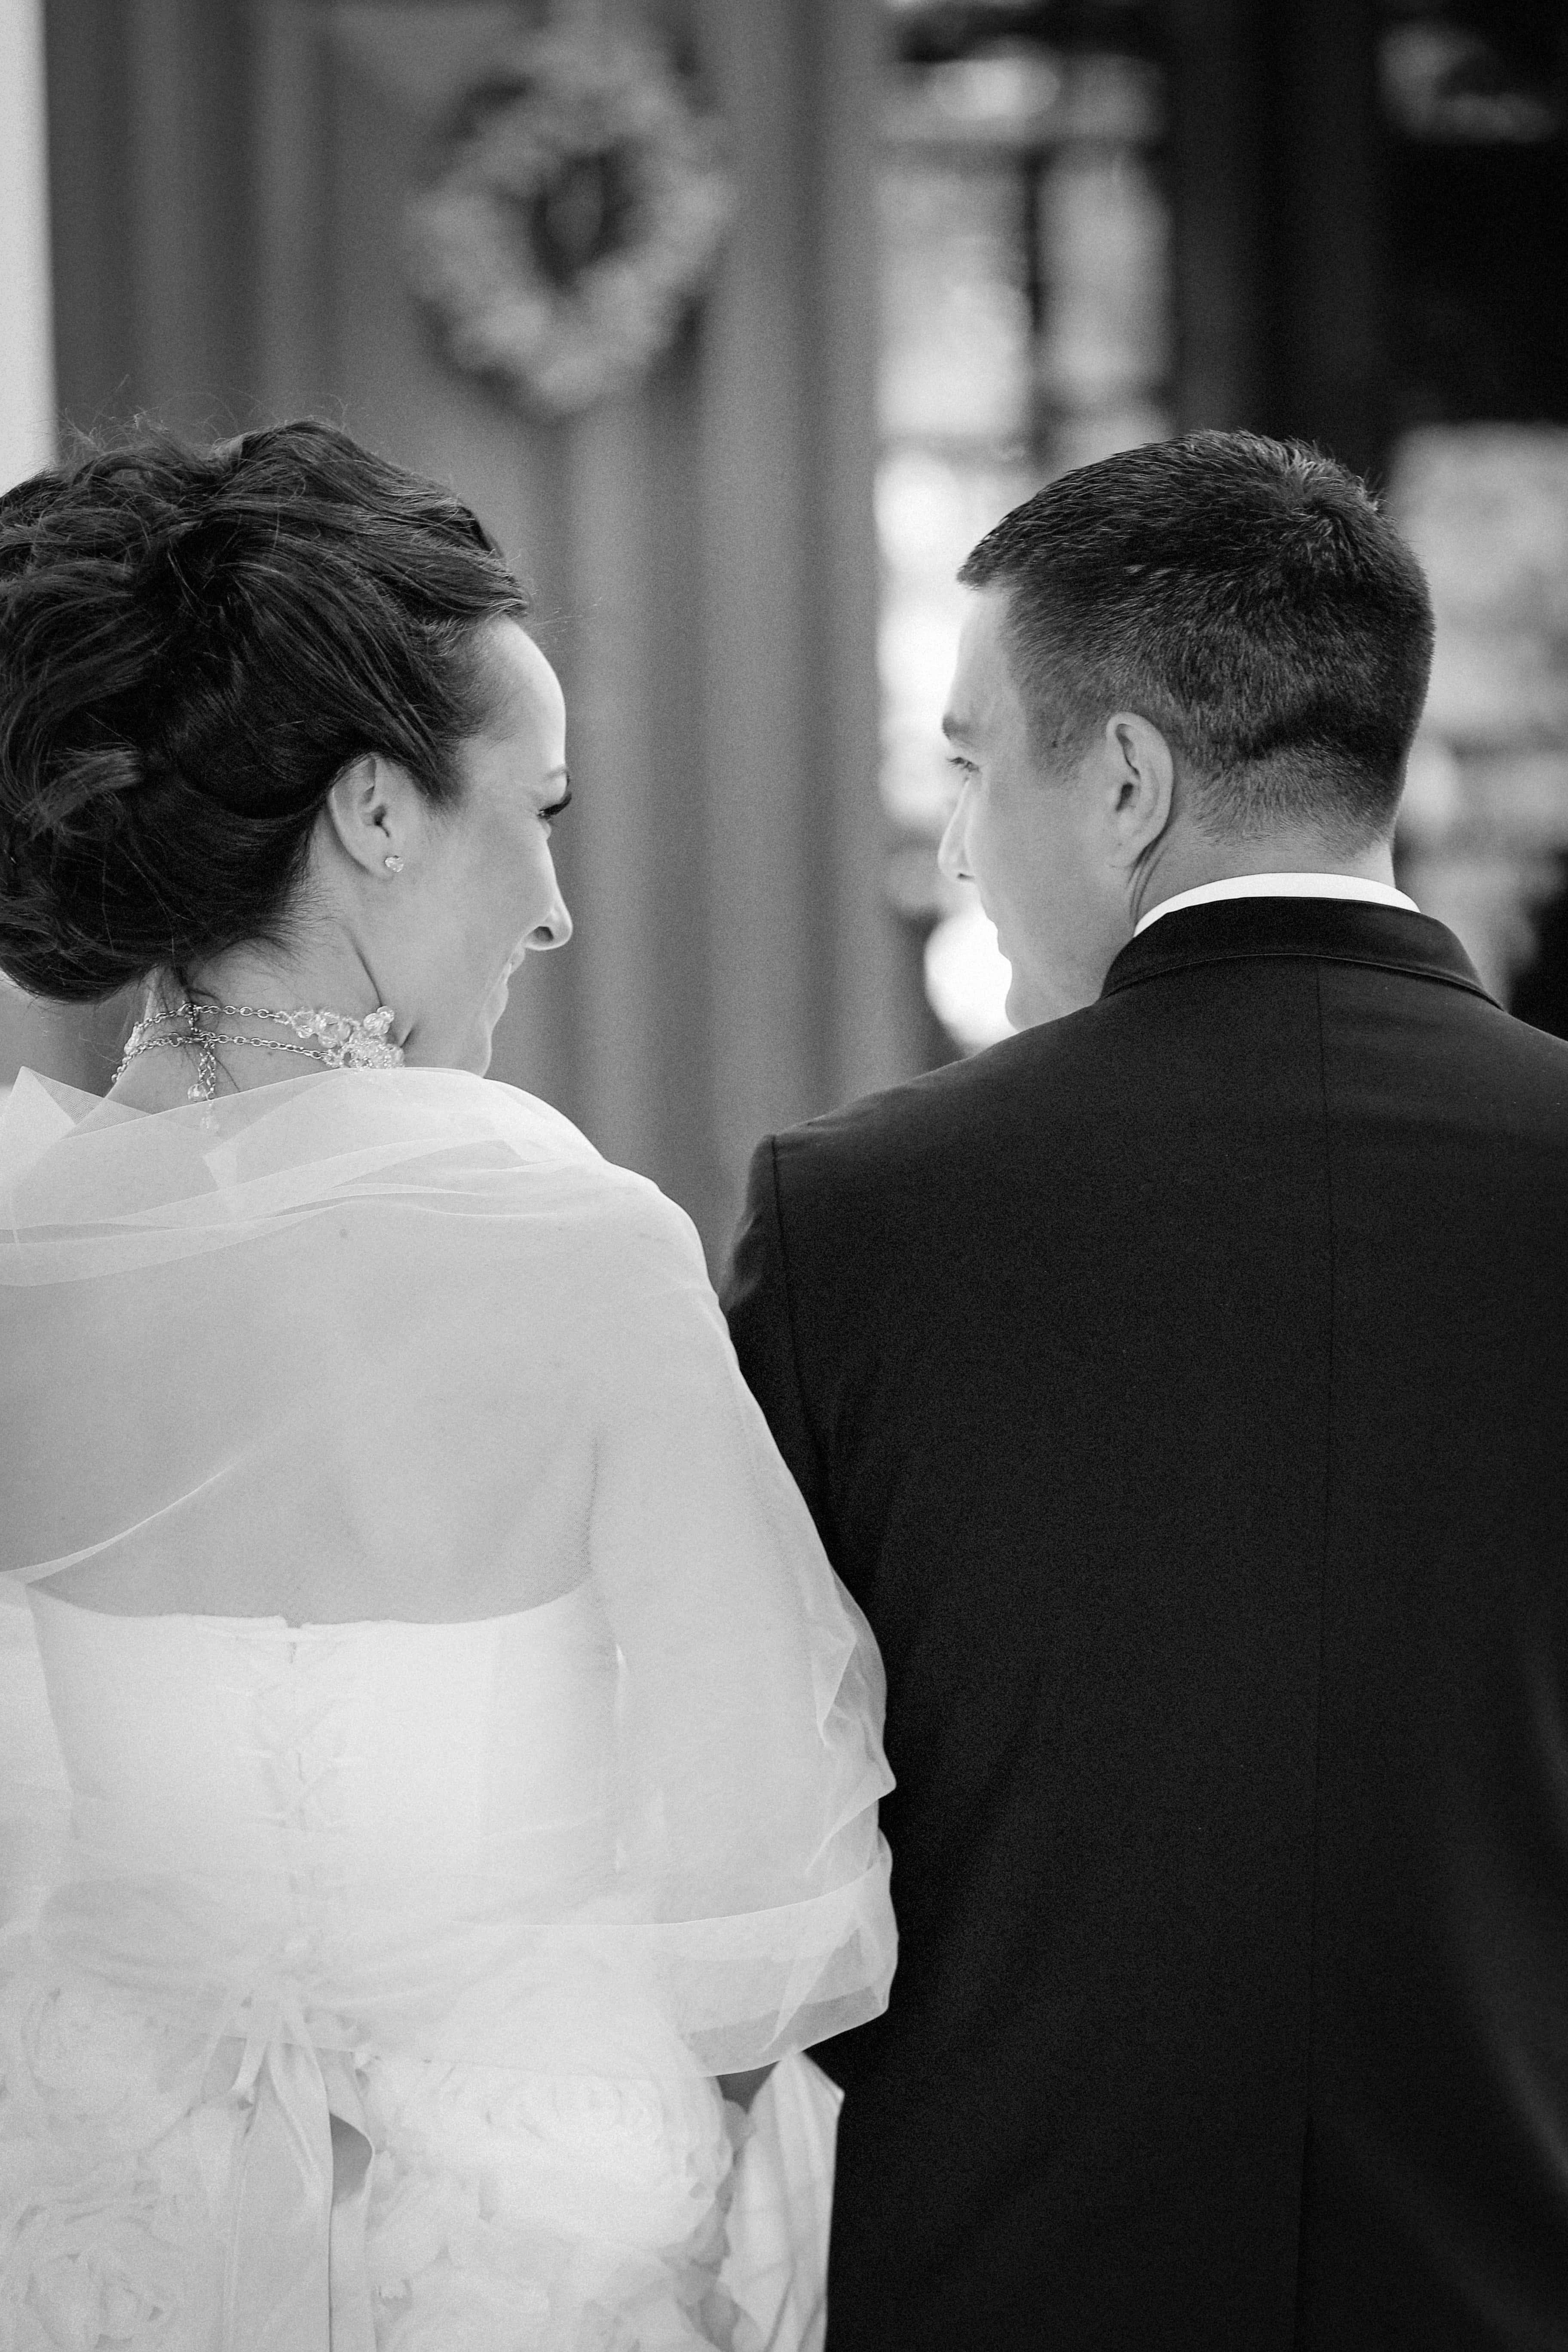 olasz nő keres házasság